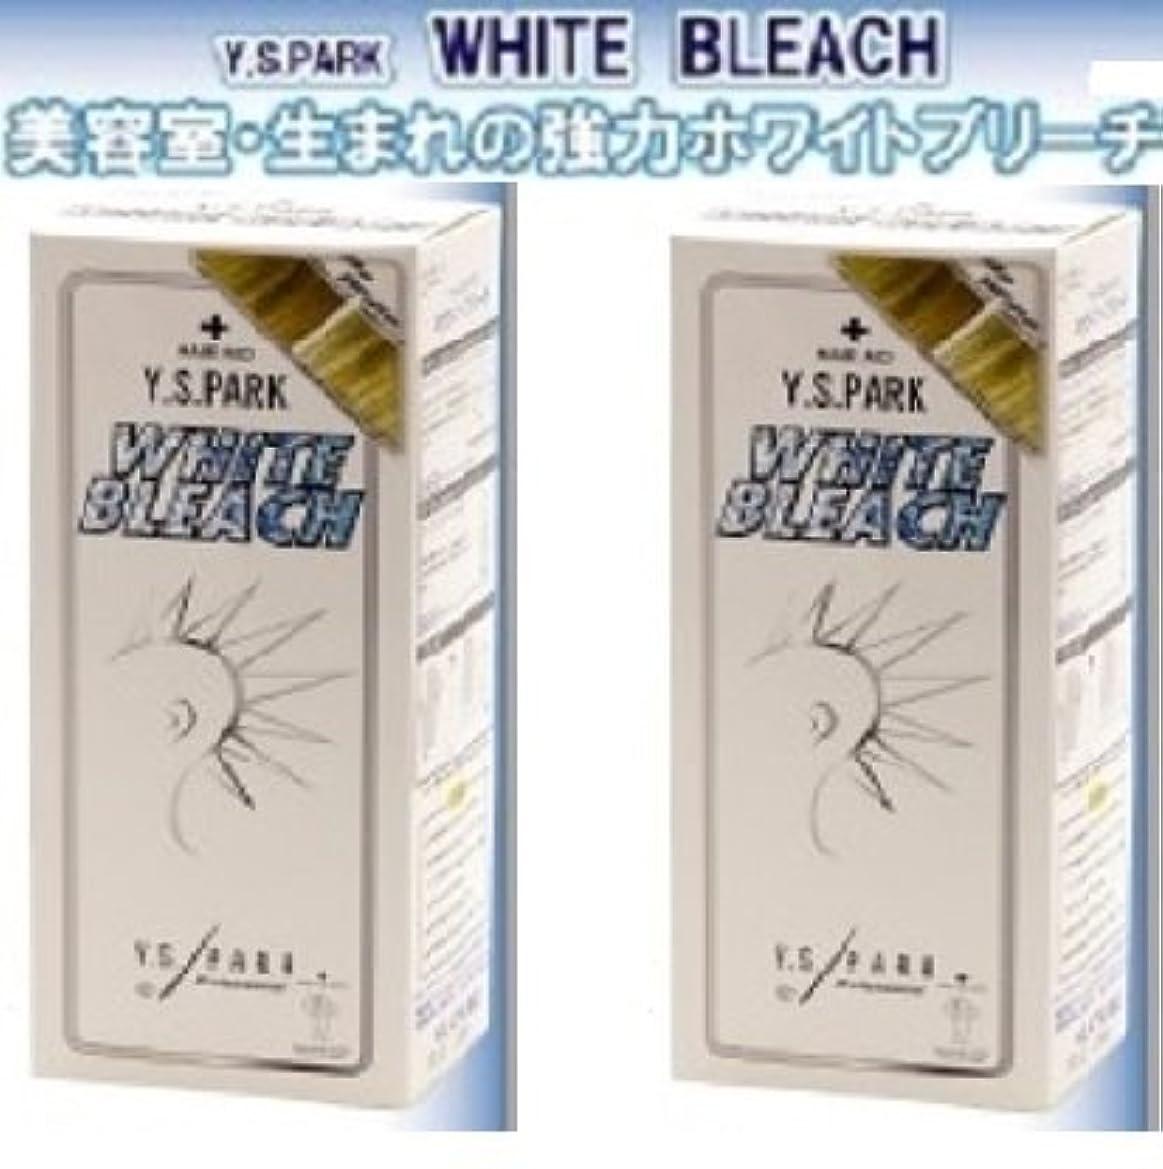 イタリアのボート登る【YSPARK 】ホワイトブリーチ ×2個セット(お得な2個組)美容室生まれの強力ホワイトブリーチ